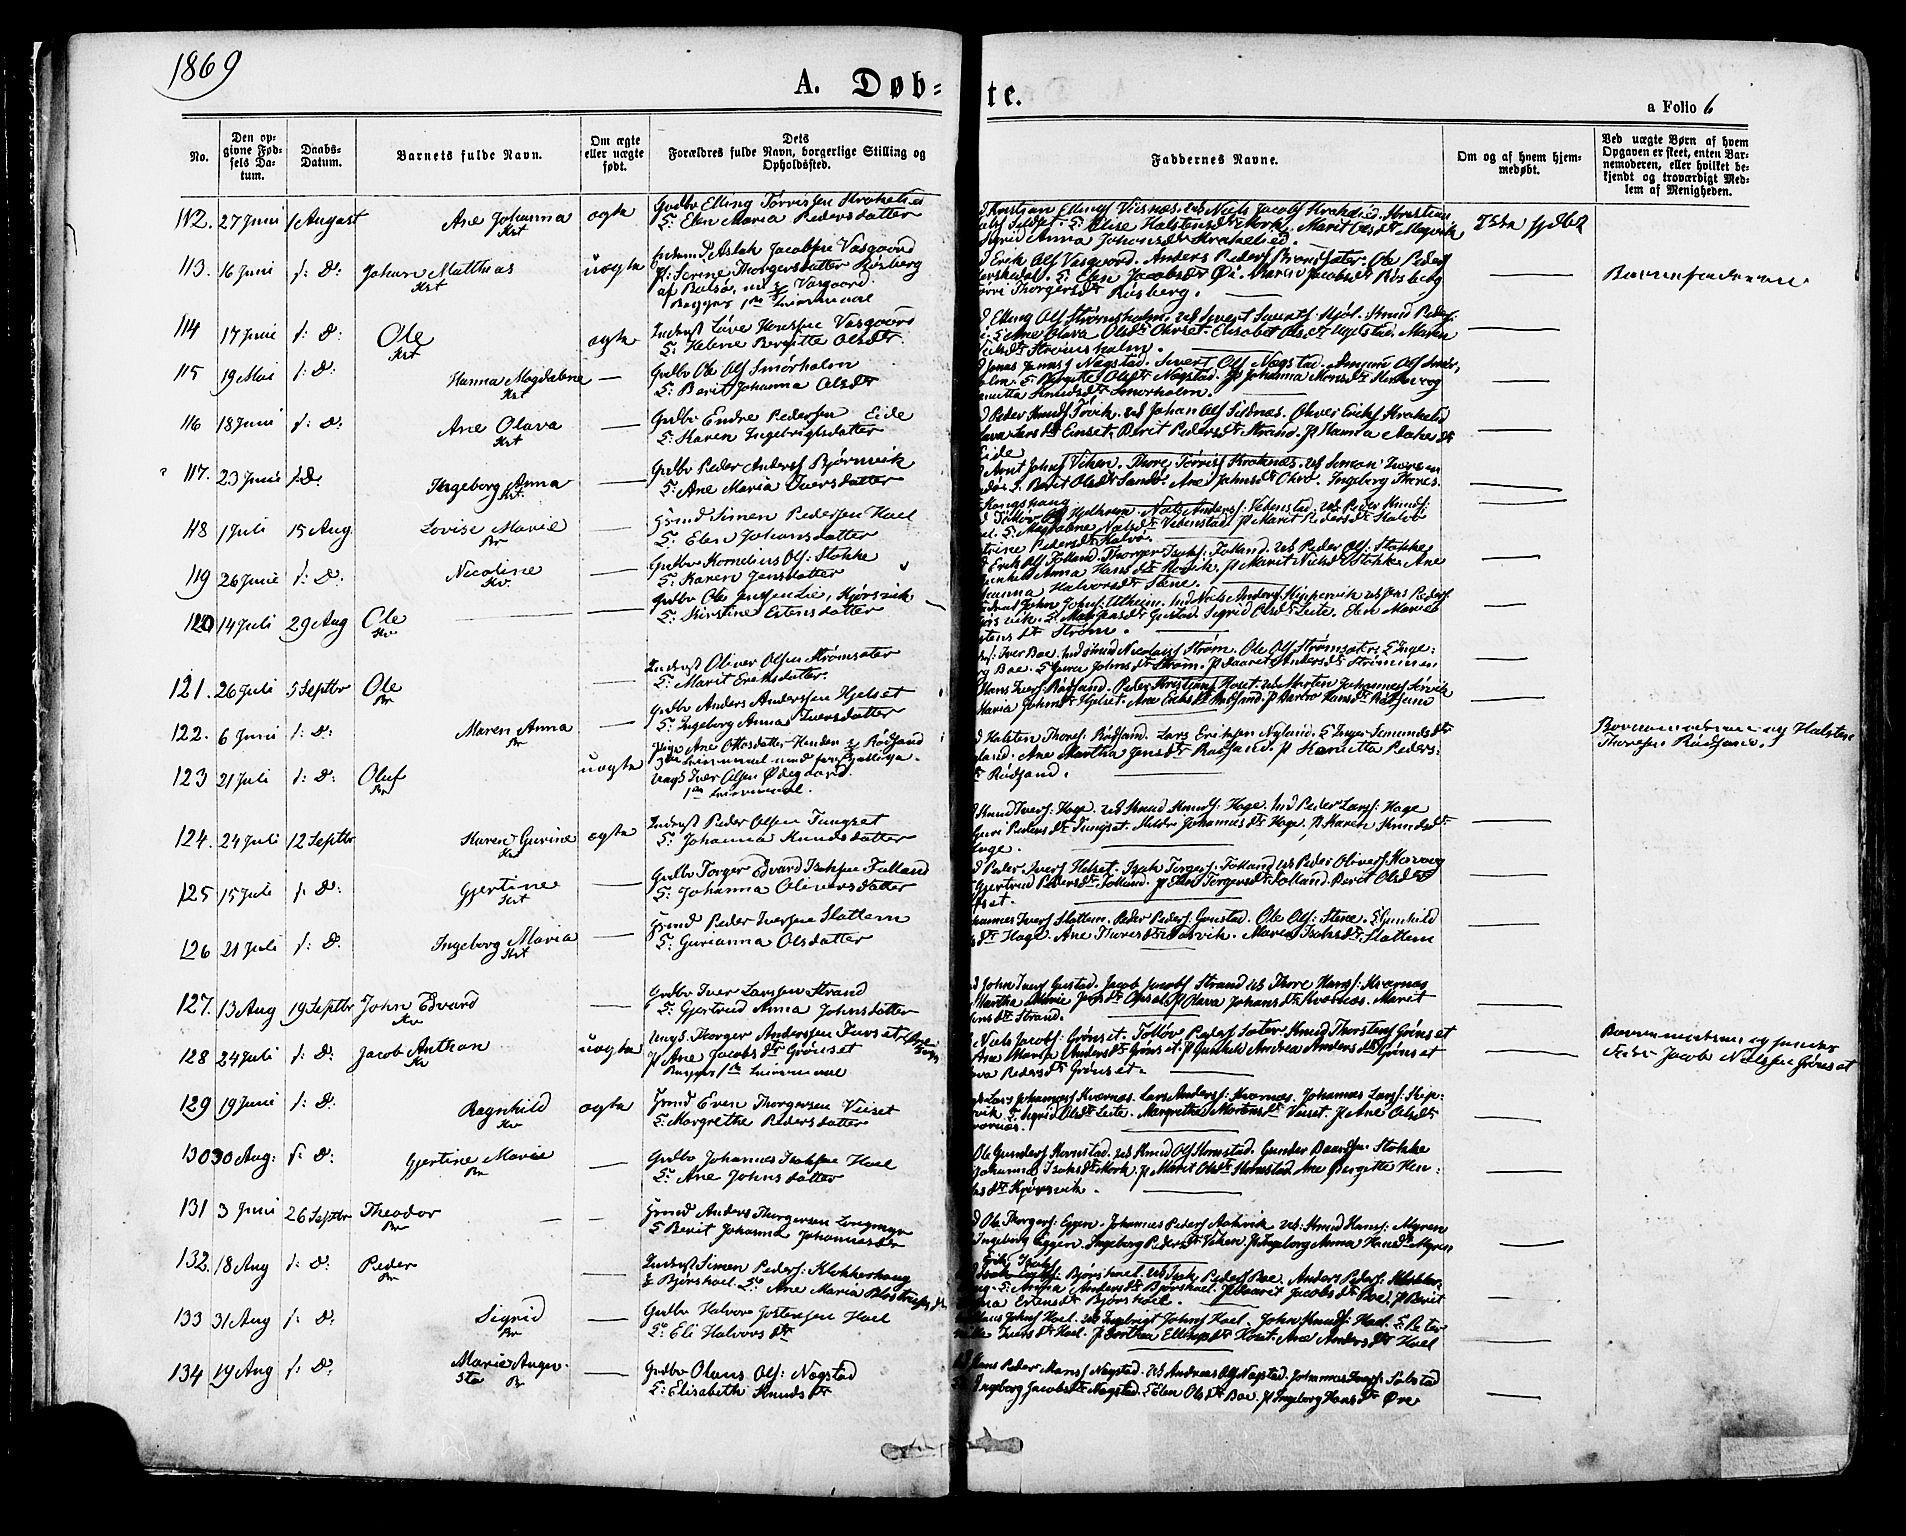 SAT, Ministerialprotokoller, klokkerbøker og fødselsregistre - Møre og Romsdal, 568/L0805: Ministerialbok nr. 568A12 /1, 1869-1884, s. 6